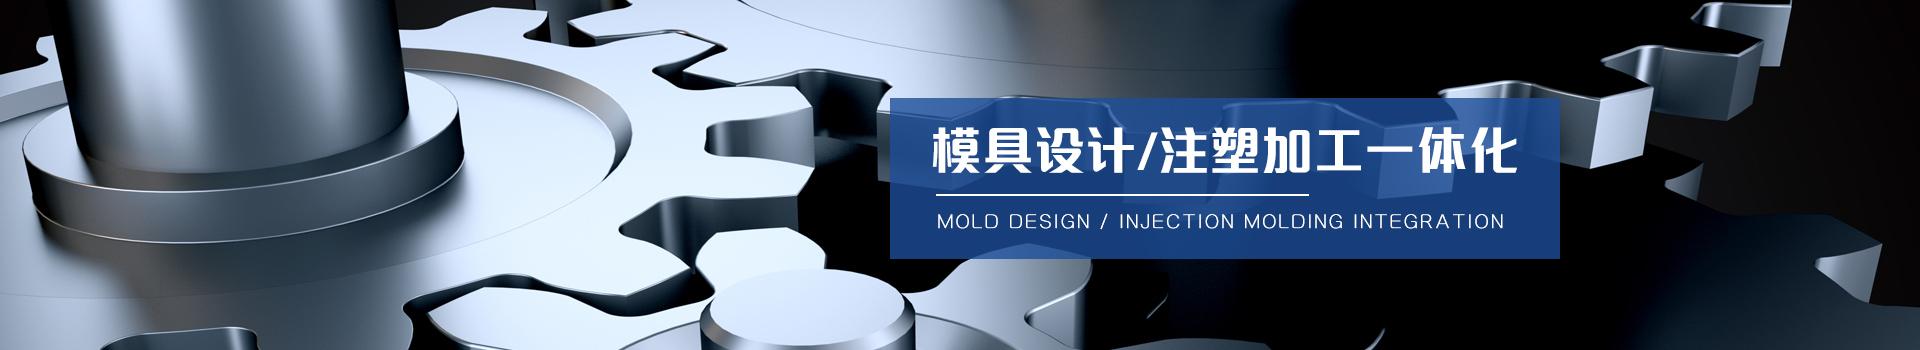 模具设计 注塑加工一体化